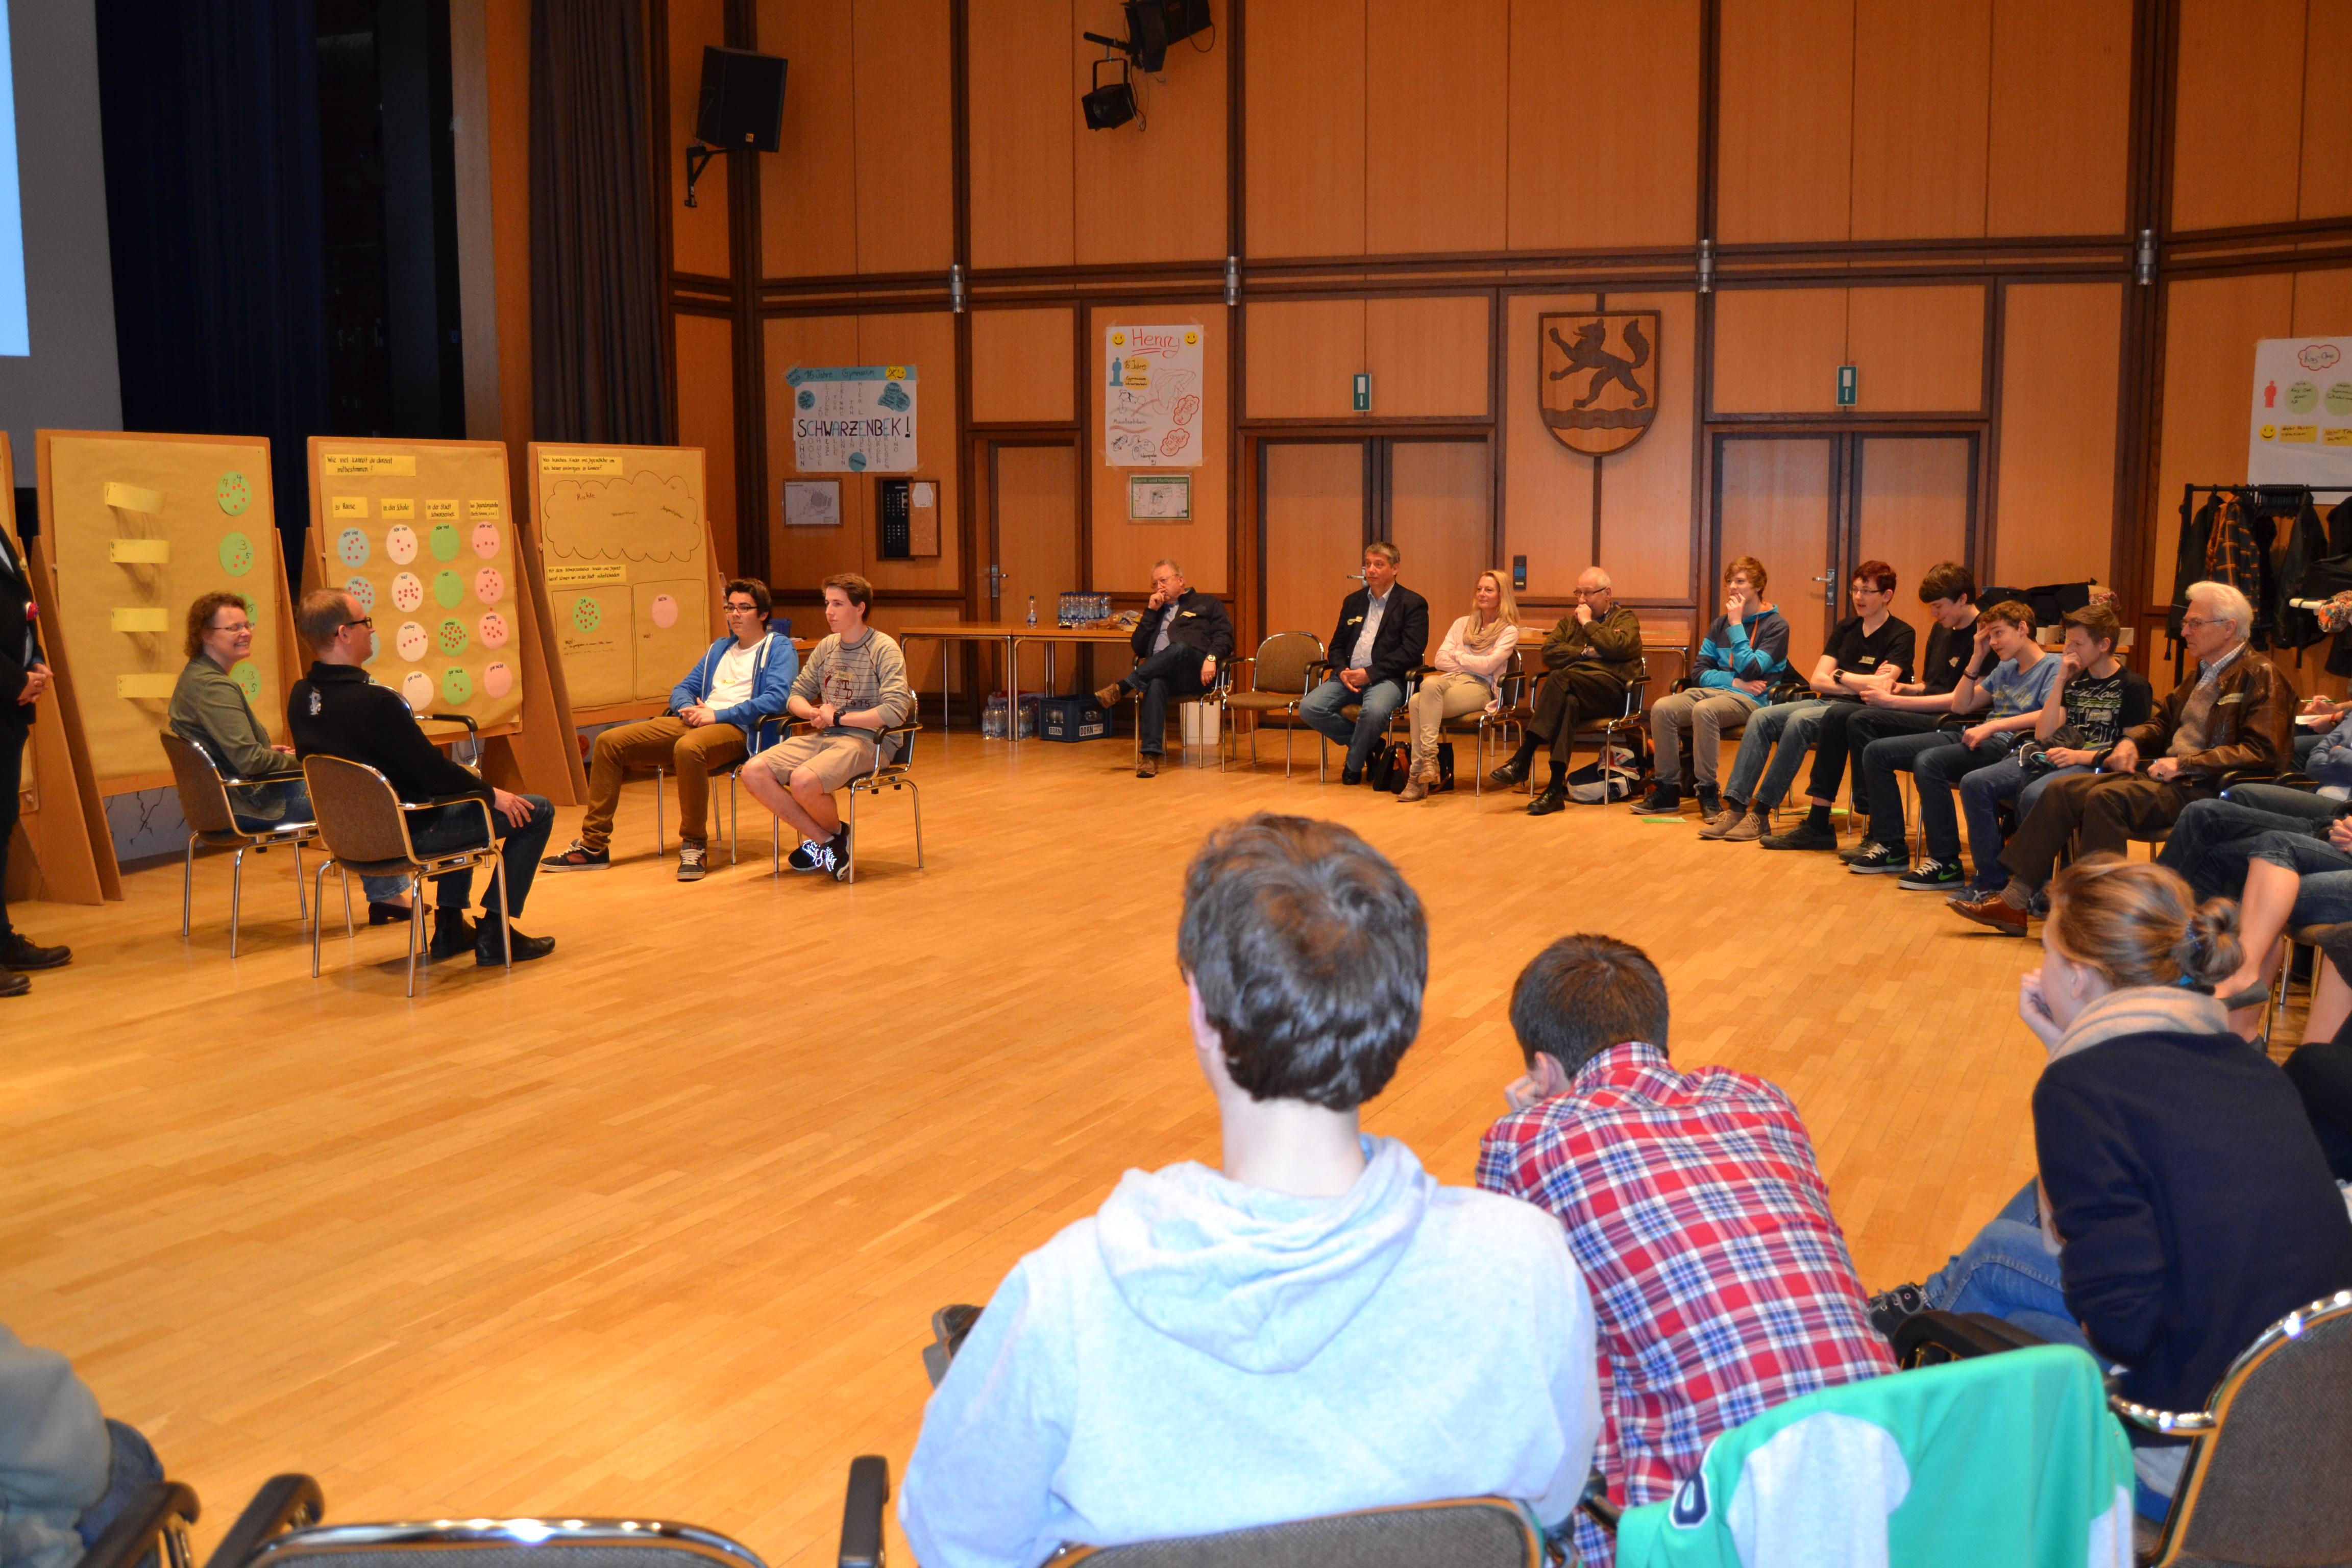 Präsentation und Dialog mit erwachsenen Entscheidungsträger*innen aus Politik und Verwaltung